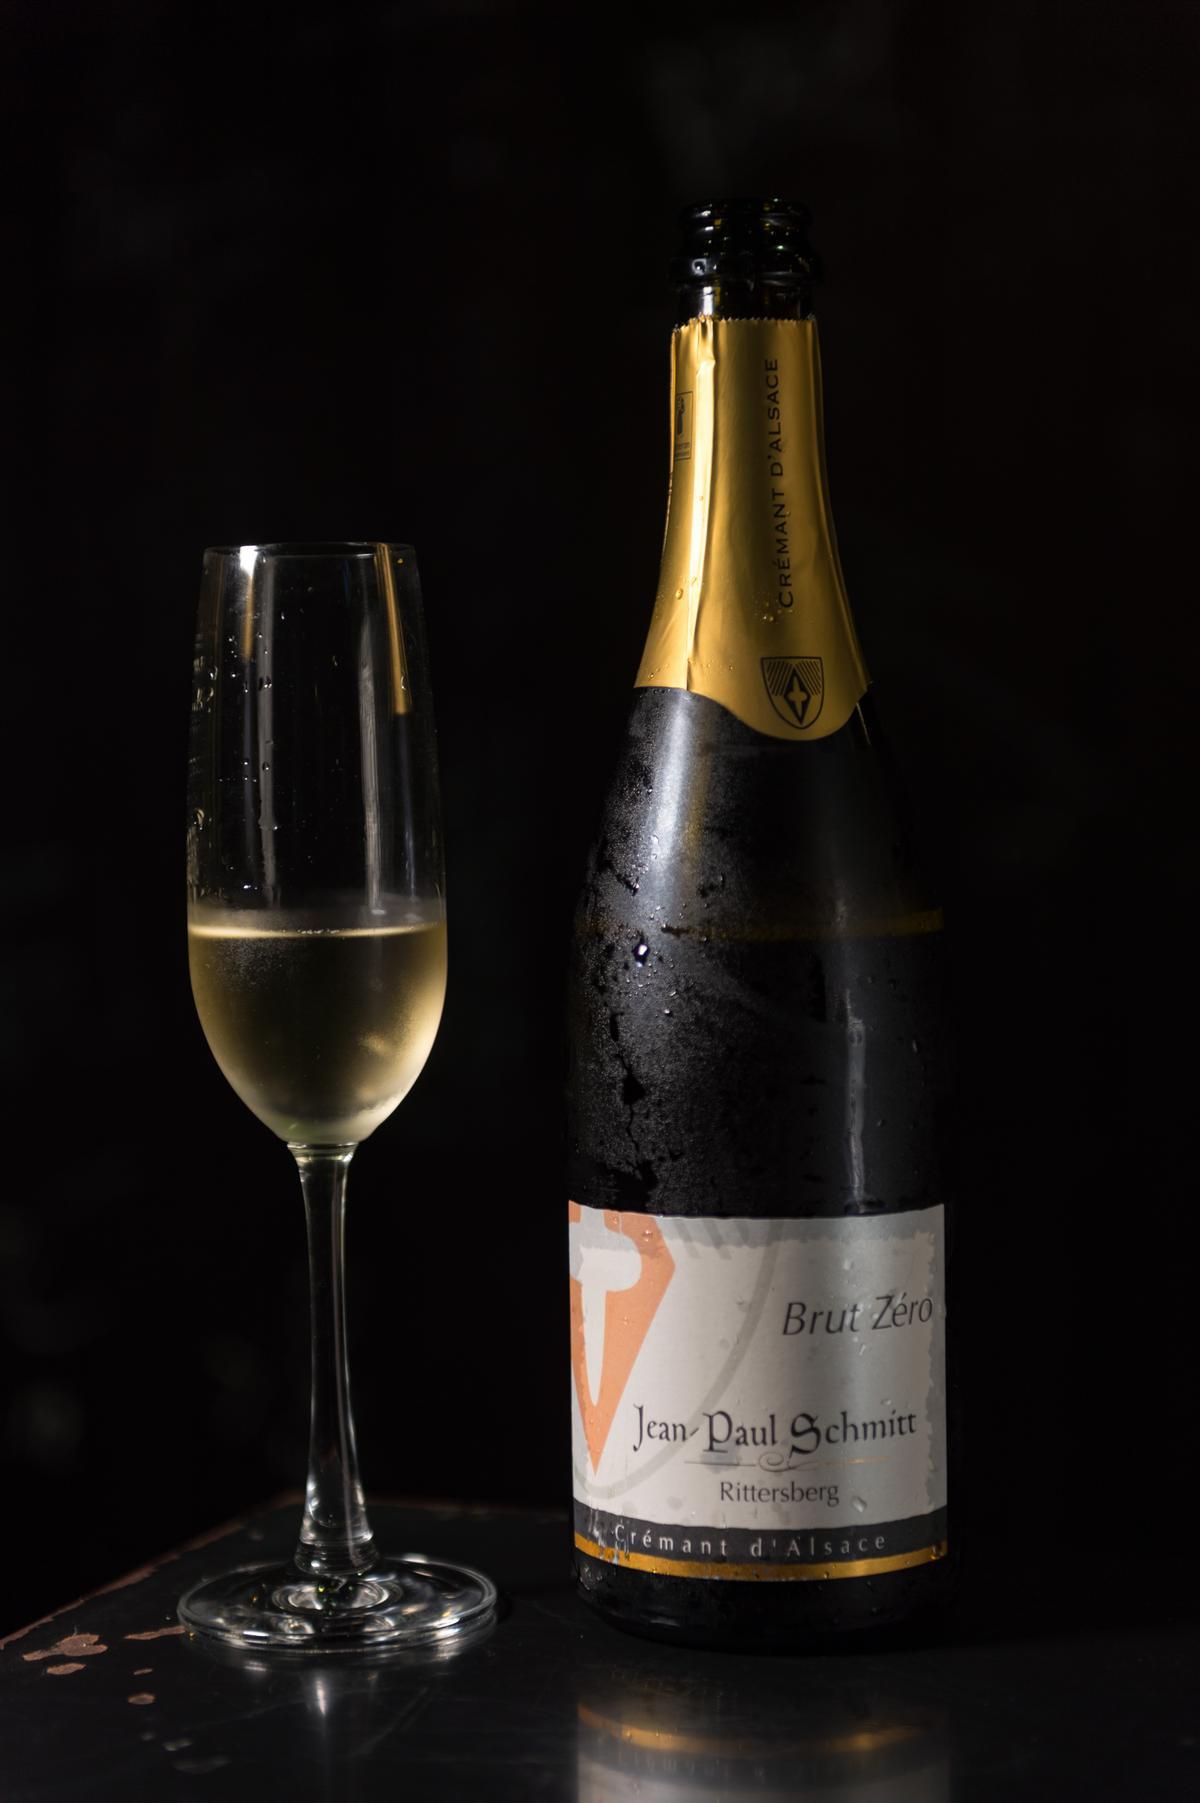 瓶中2次發酵的氣泡酒有鮮味,與烏魚子相輔相成。